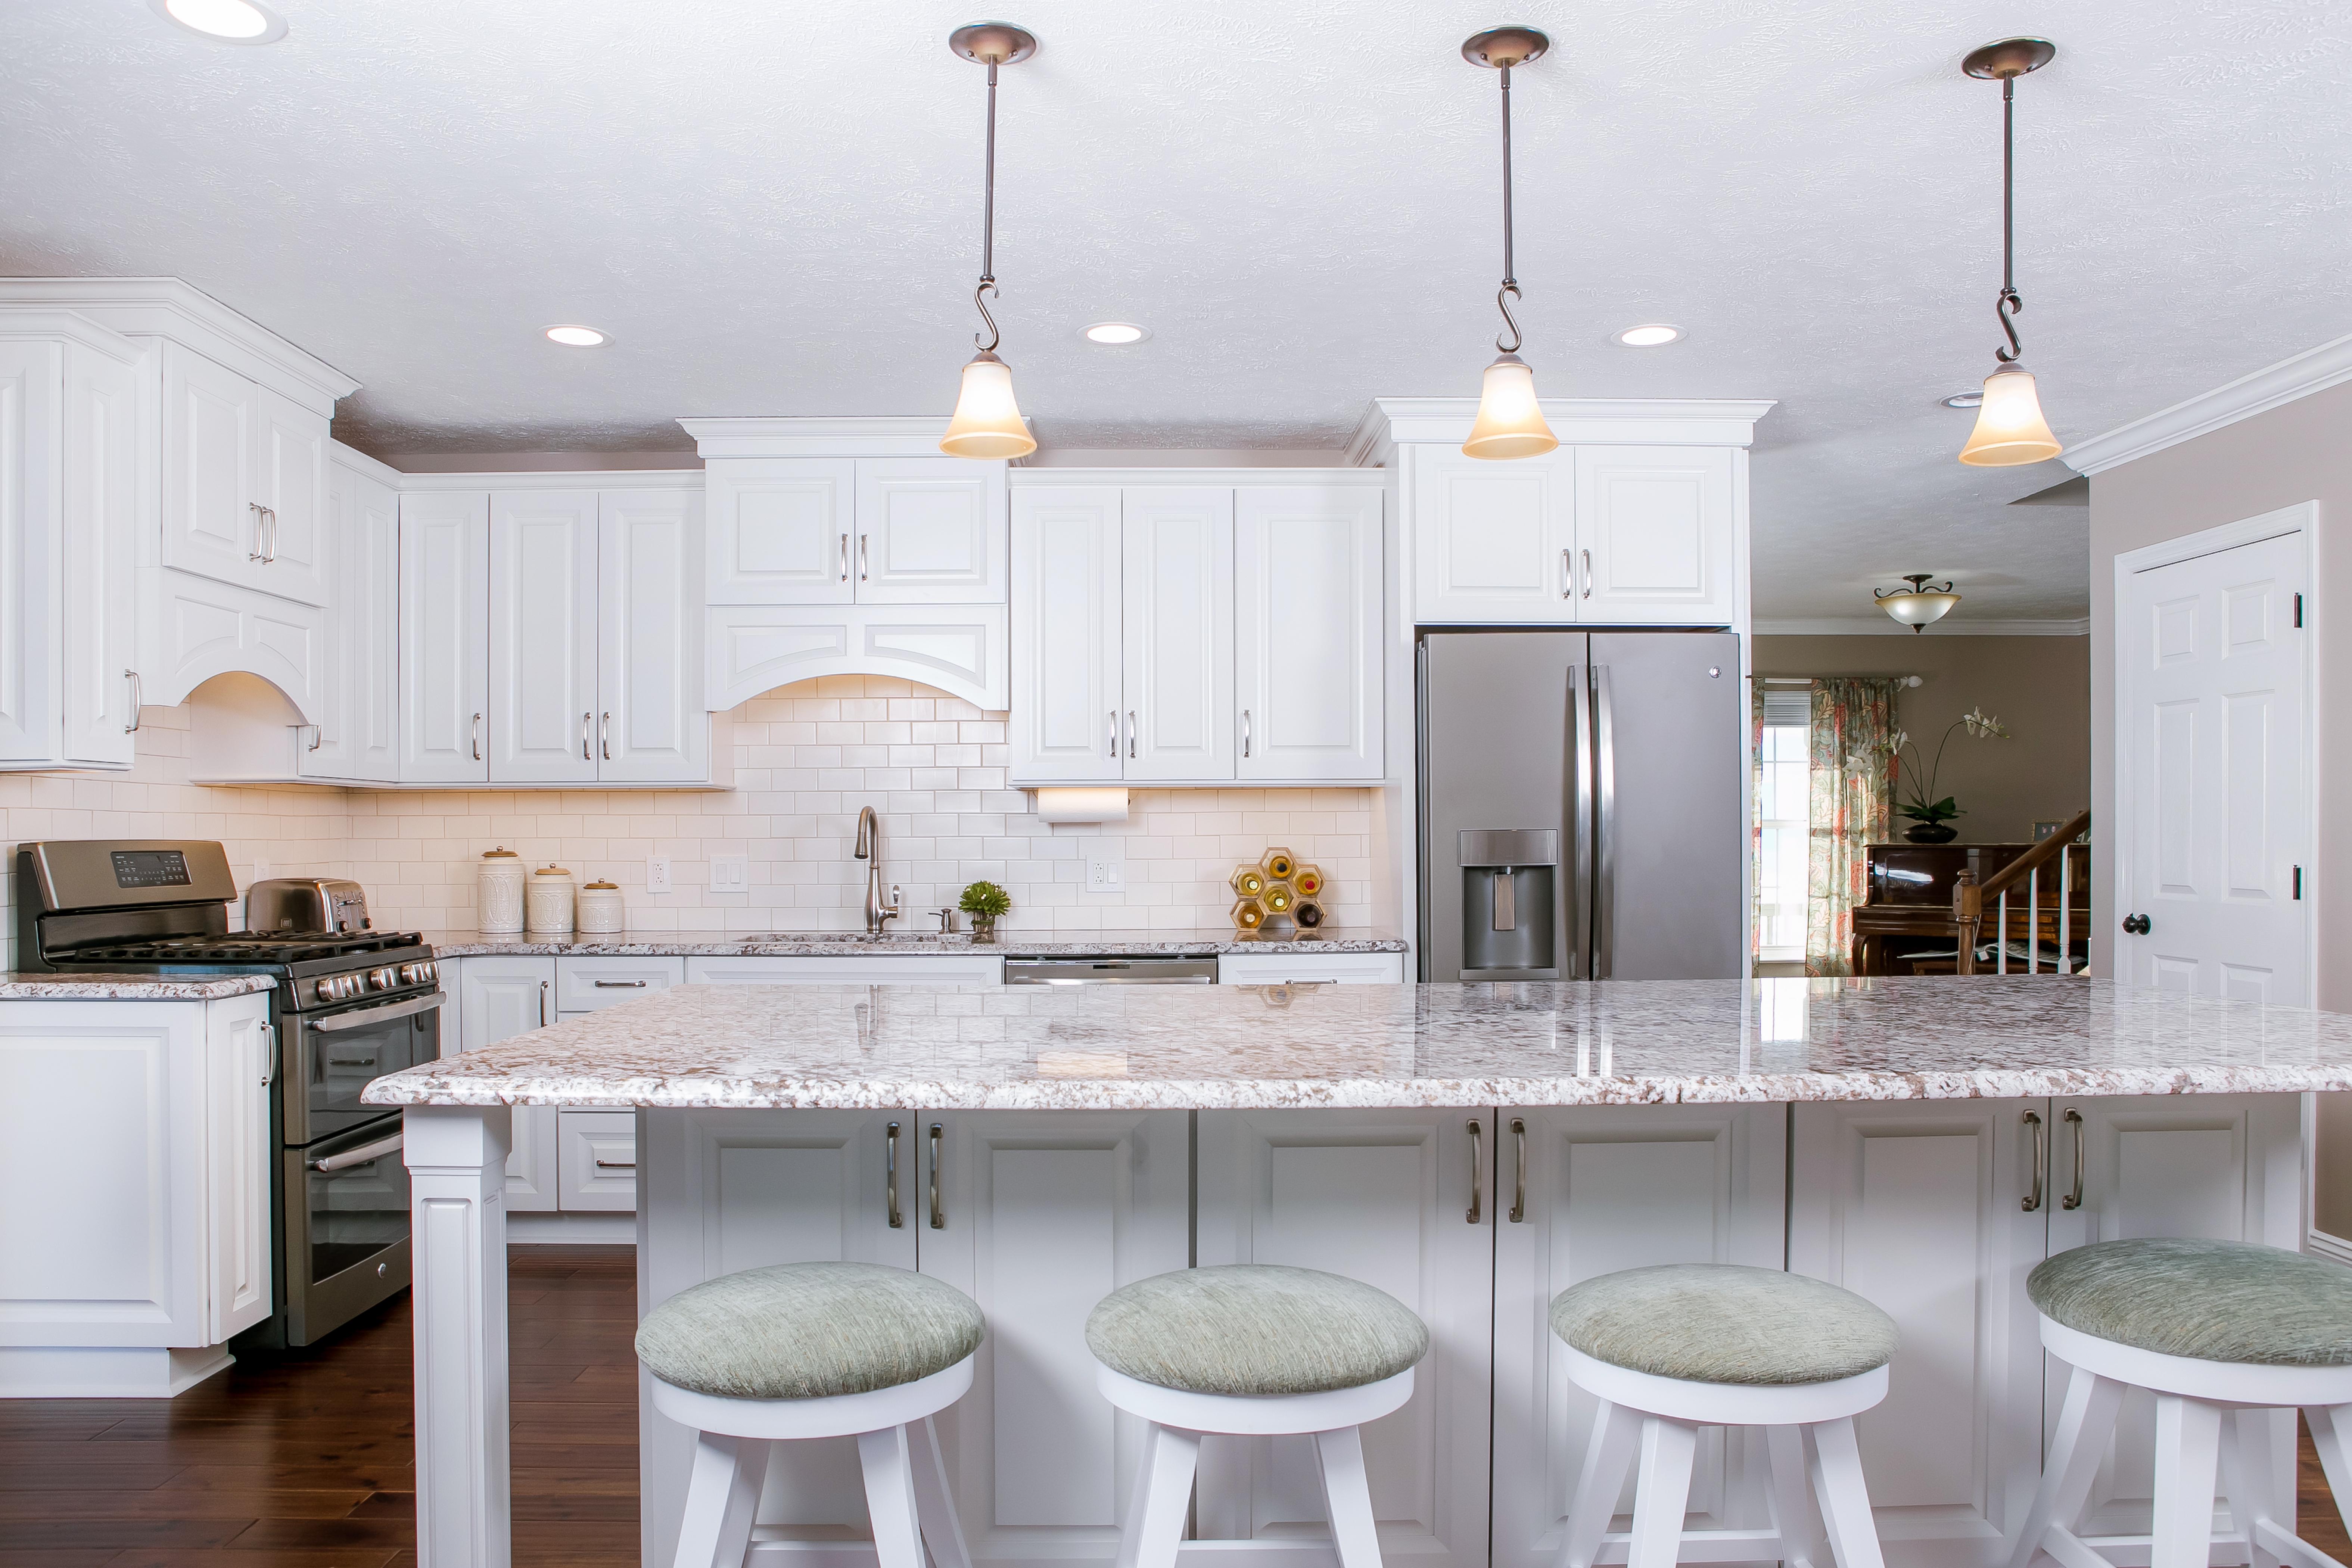 lpetrilla 84lumberrankinrd 1143 kitchens   84 design studios  rh   84designstudios com